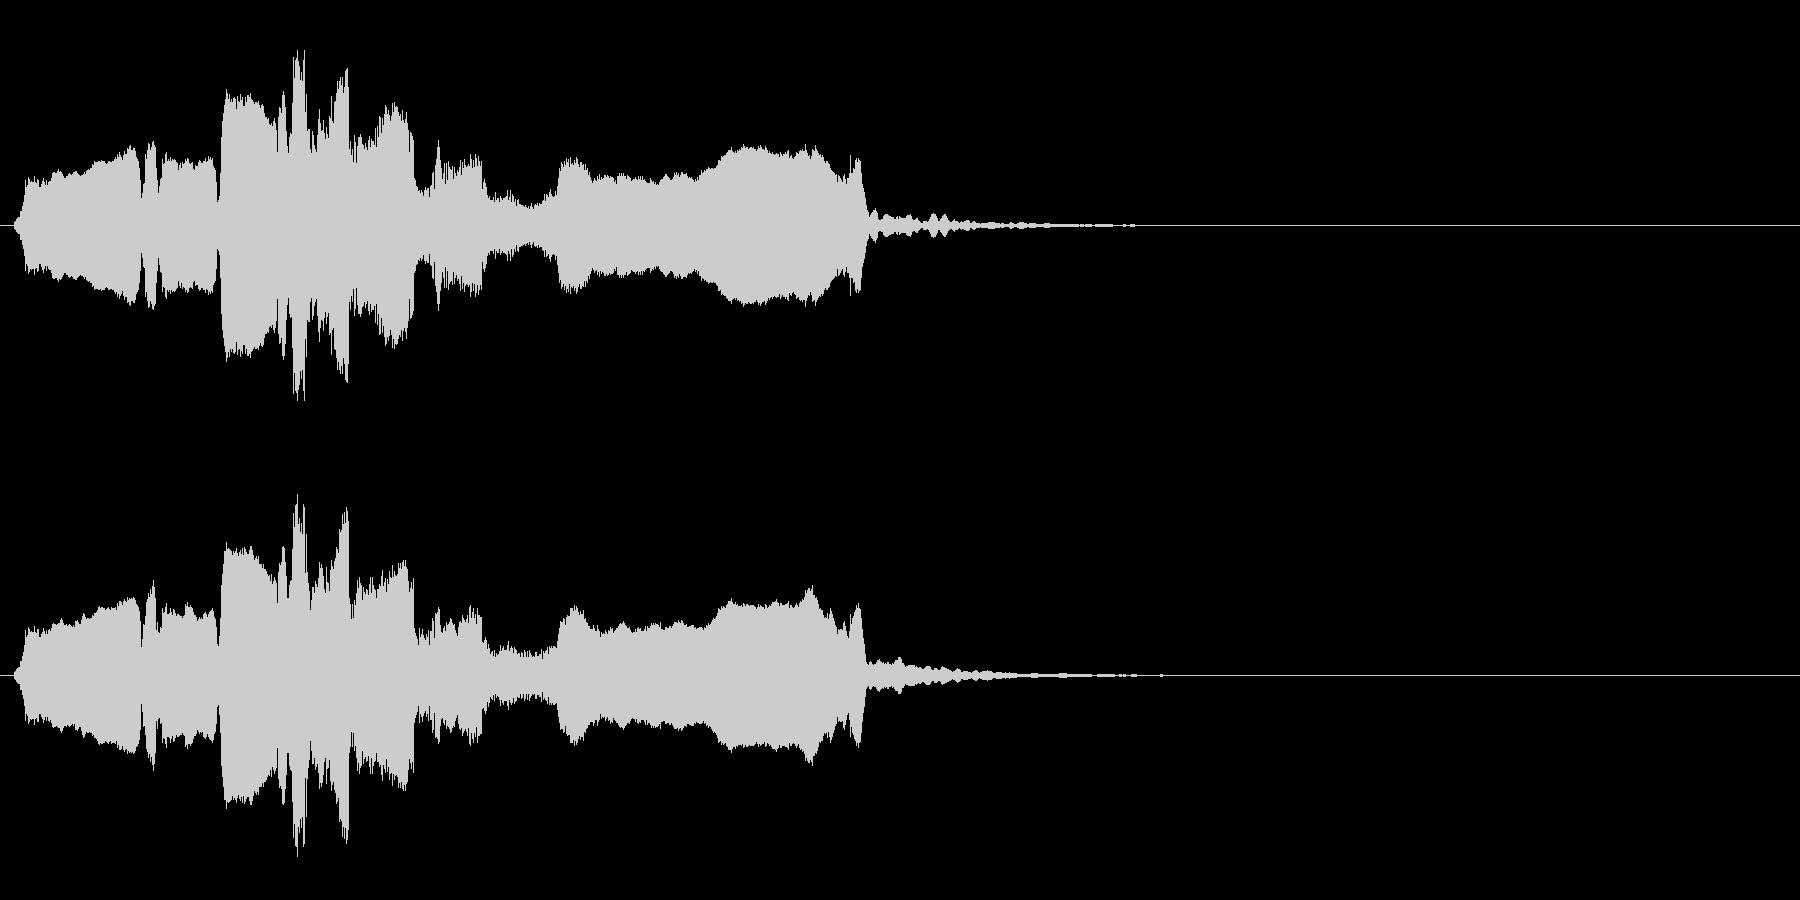 和風アイキャッチ◆篠笛生演奏の和風効果音の未再生の波形